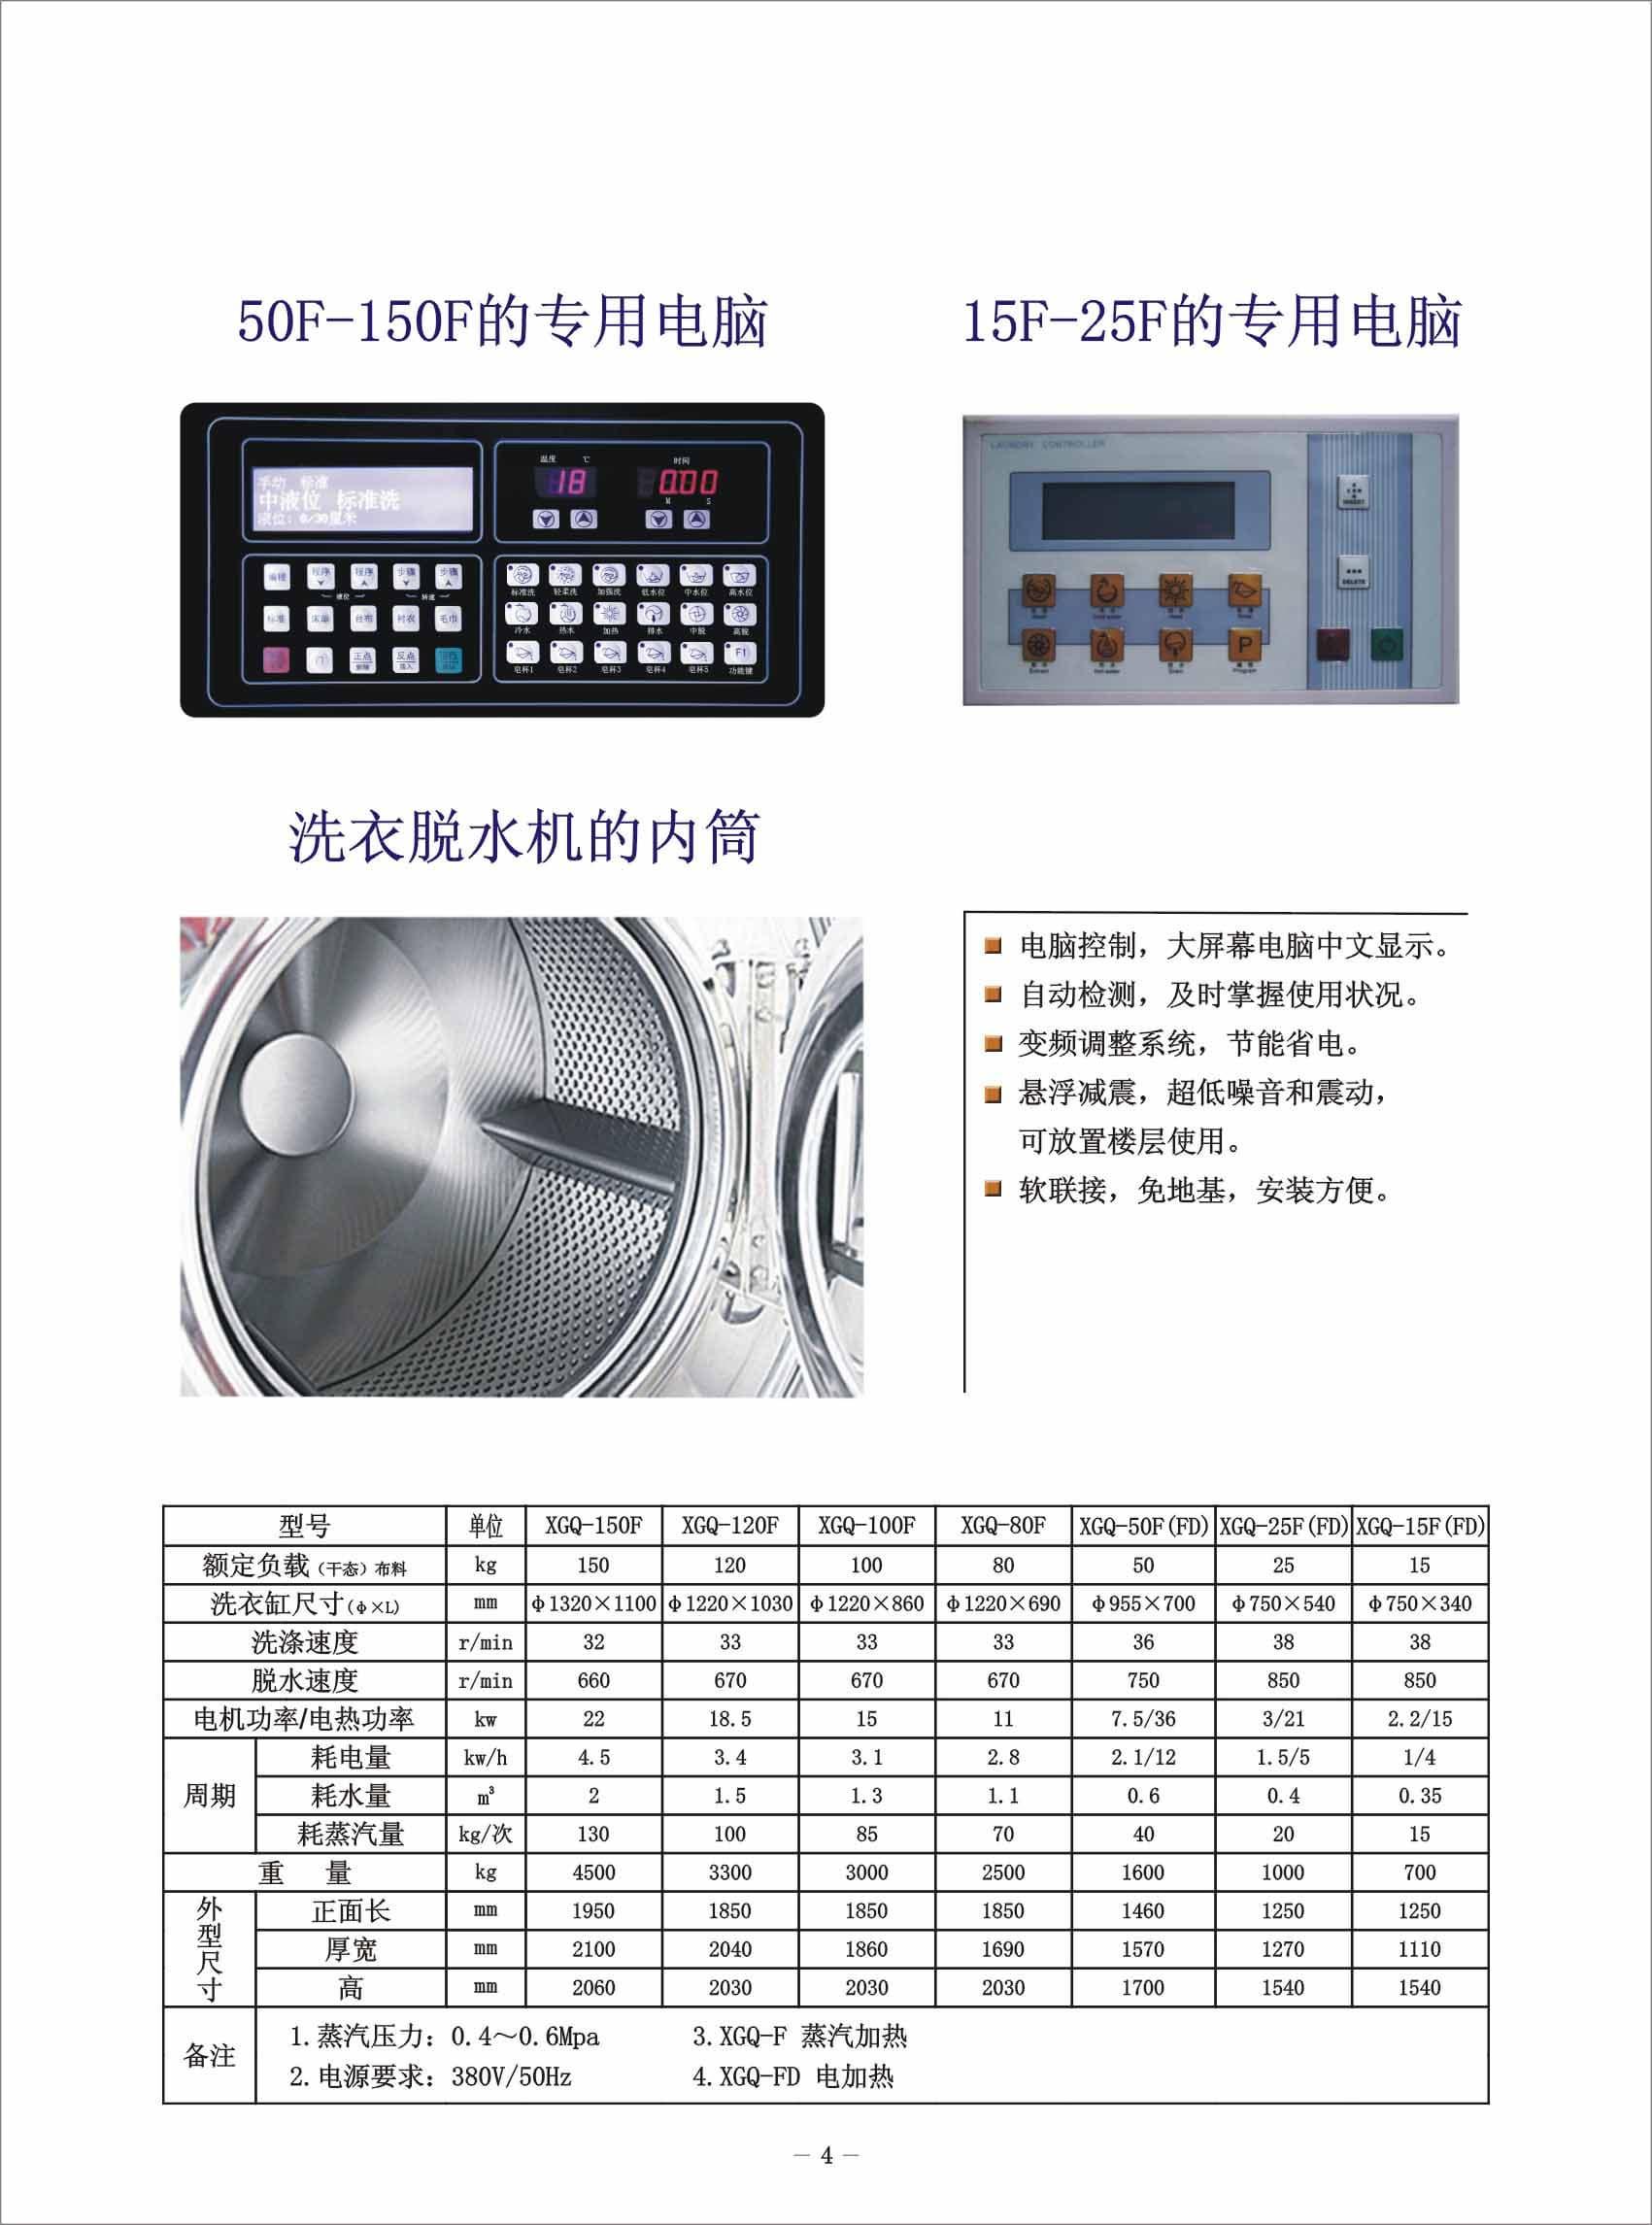 悬浮式洗衣机参数.jpg